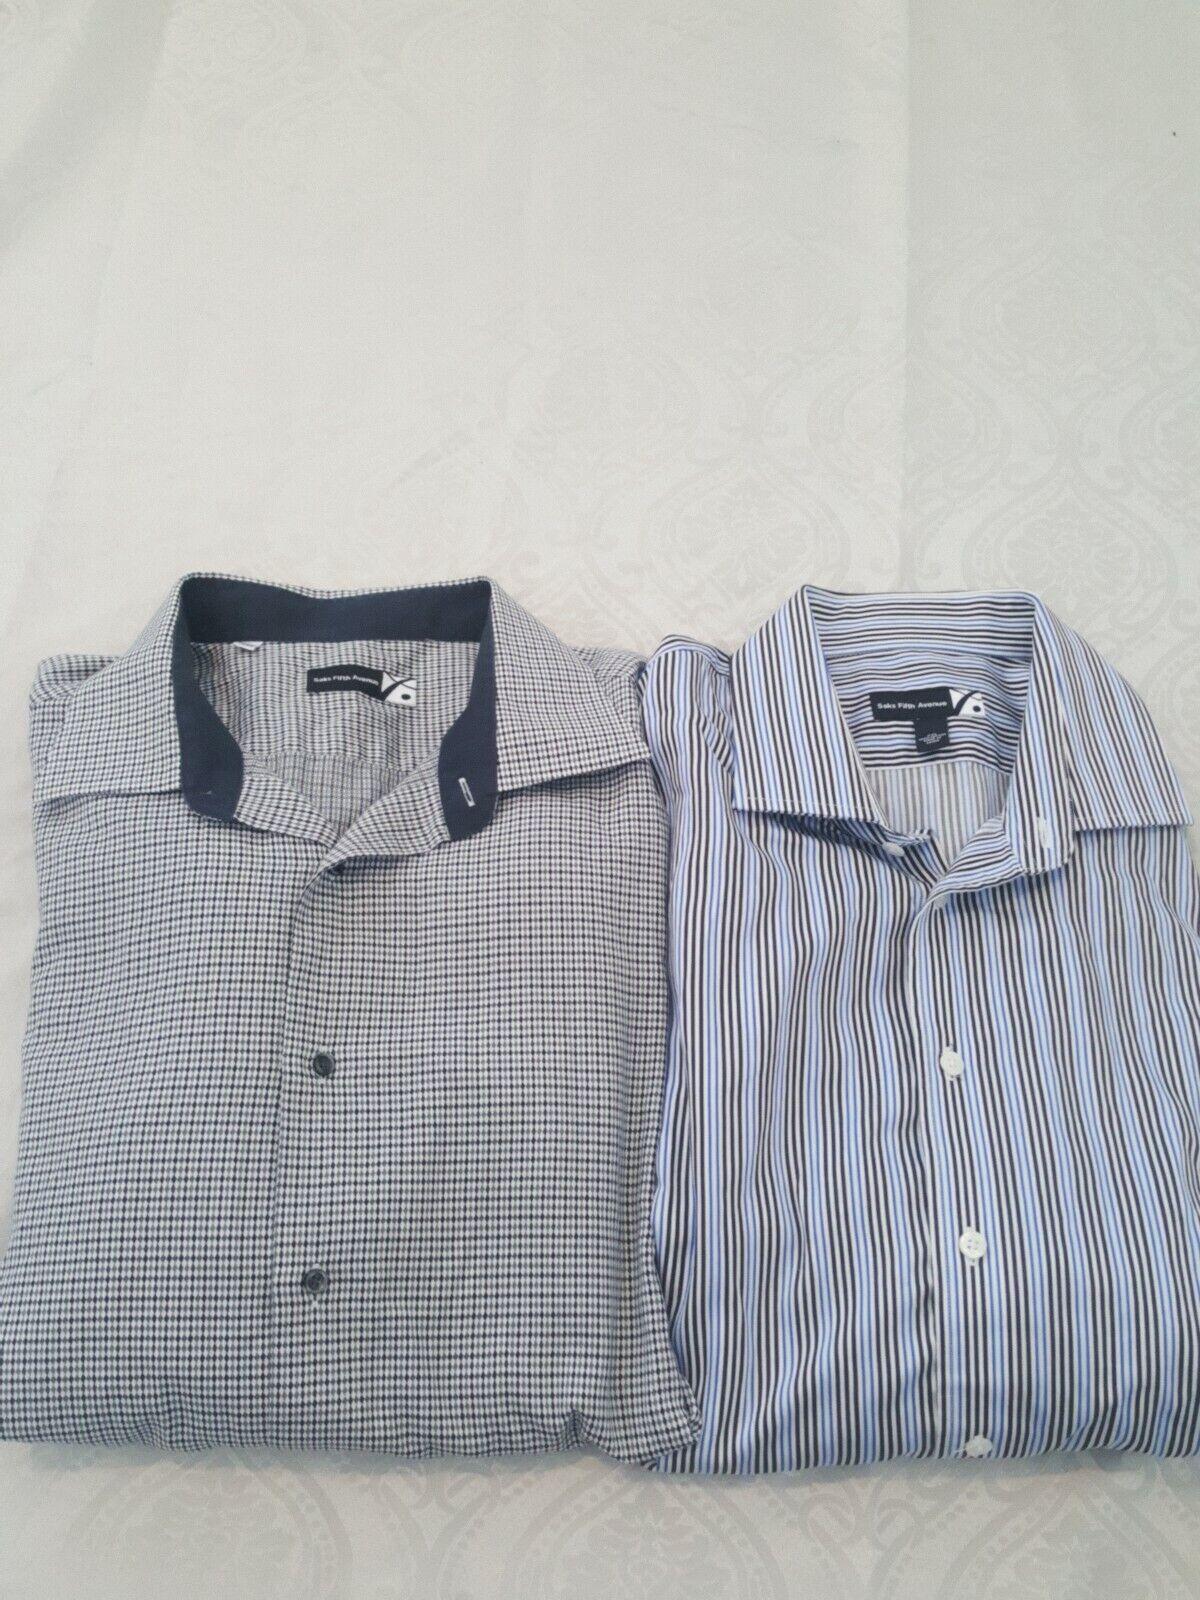 SET OF 2 Saks Fifth Avenue Men's Long Sleeve Button Up Dress Shirt XXL